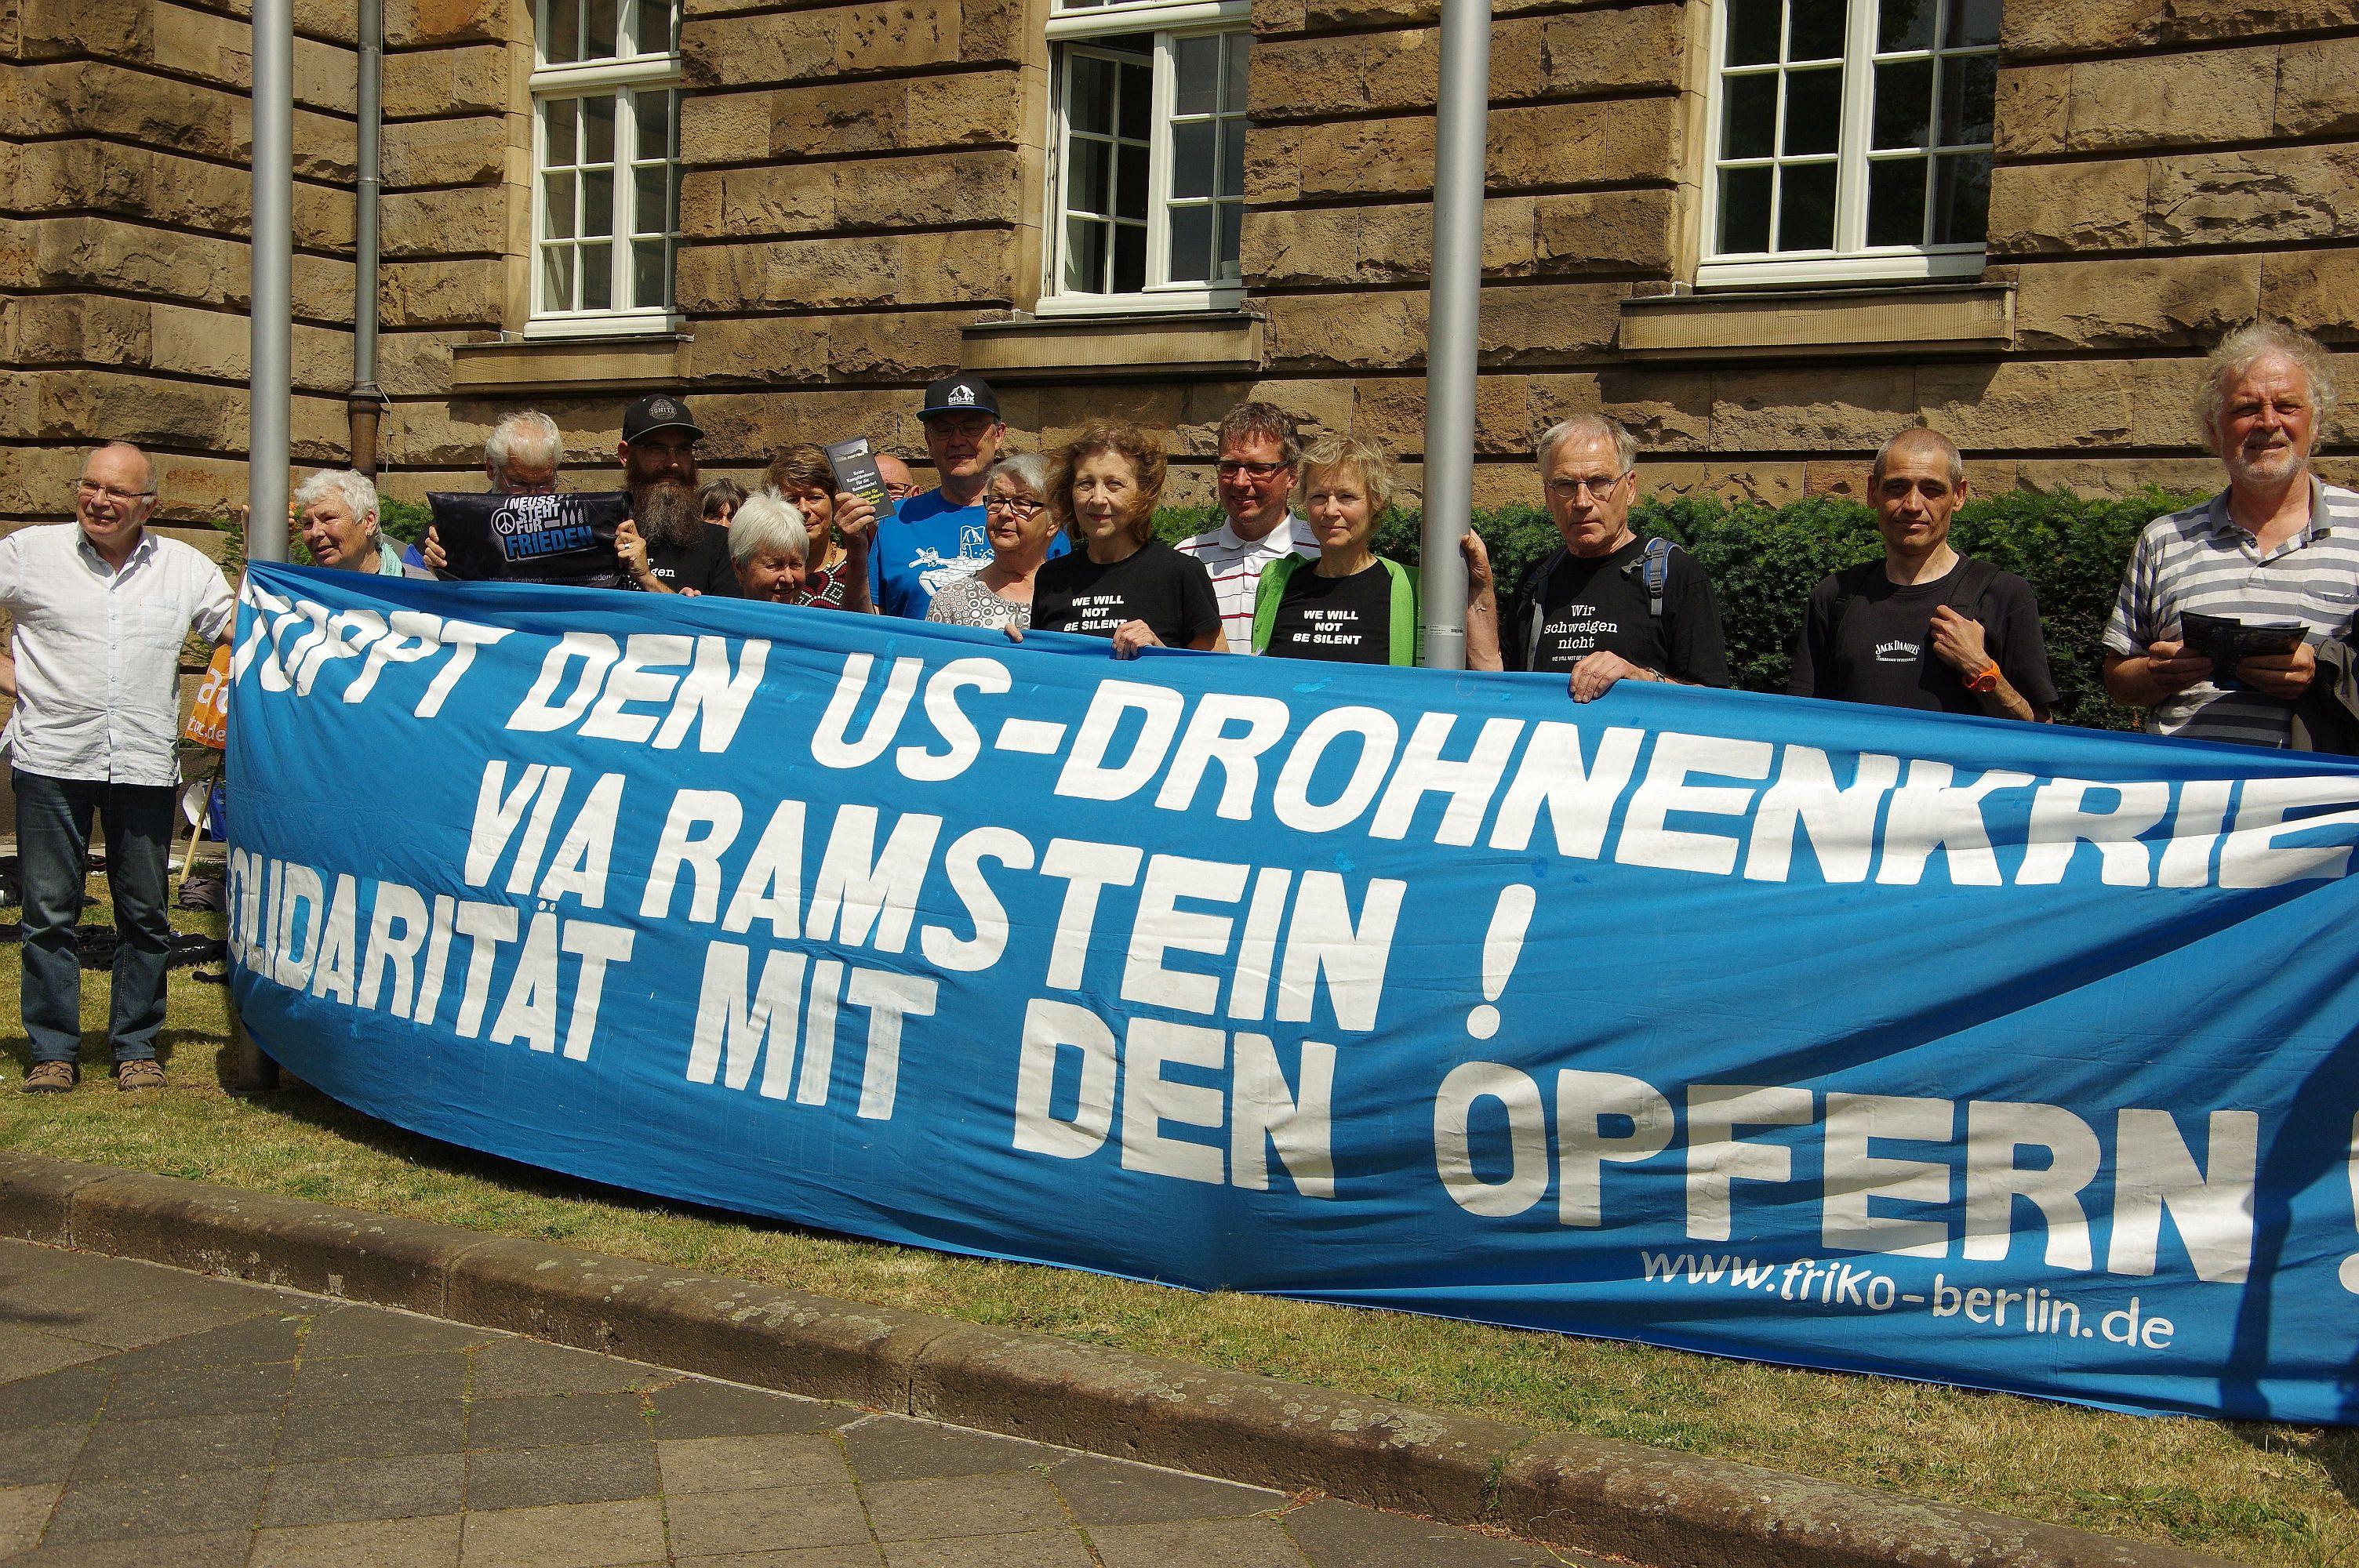 """Das Foto zeigt ein großes Transparent mit der Aufschrift """"Stoppt den US-Drohnenkrieg via Ramstein! Solidarität mit den Opfern!"""" Mehr als ein Dutzend Friedensaktivisten halten es hoch."""